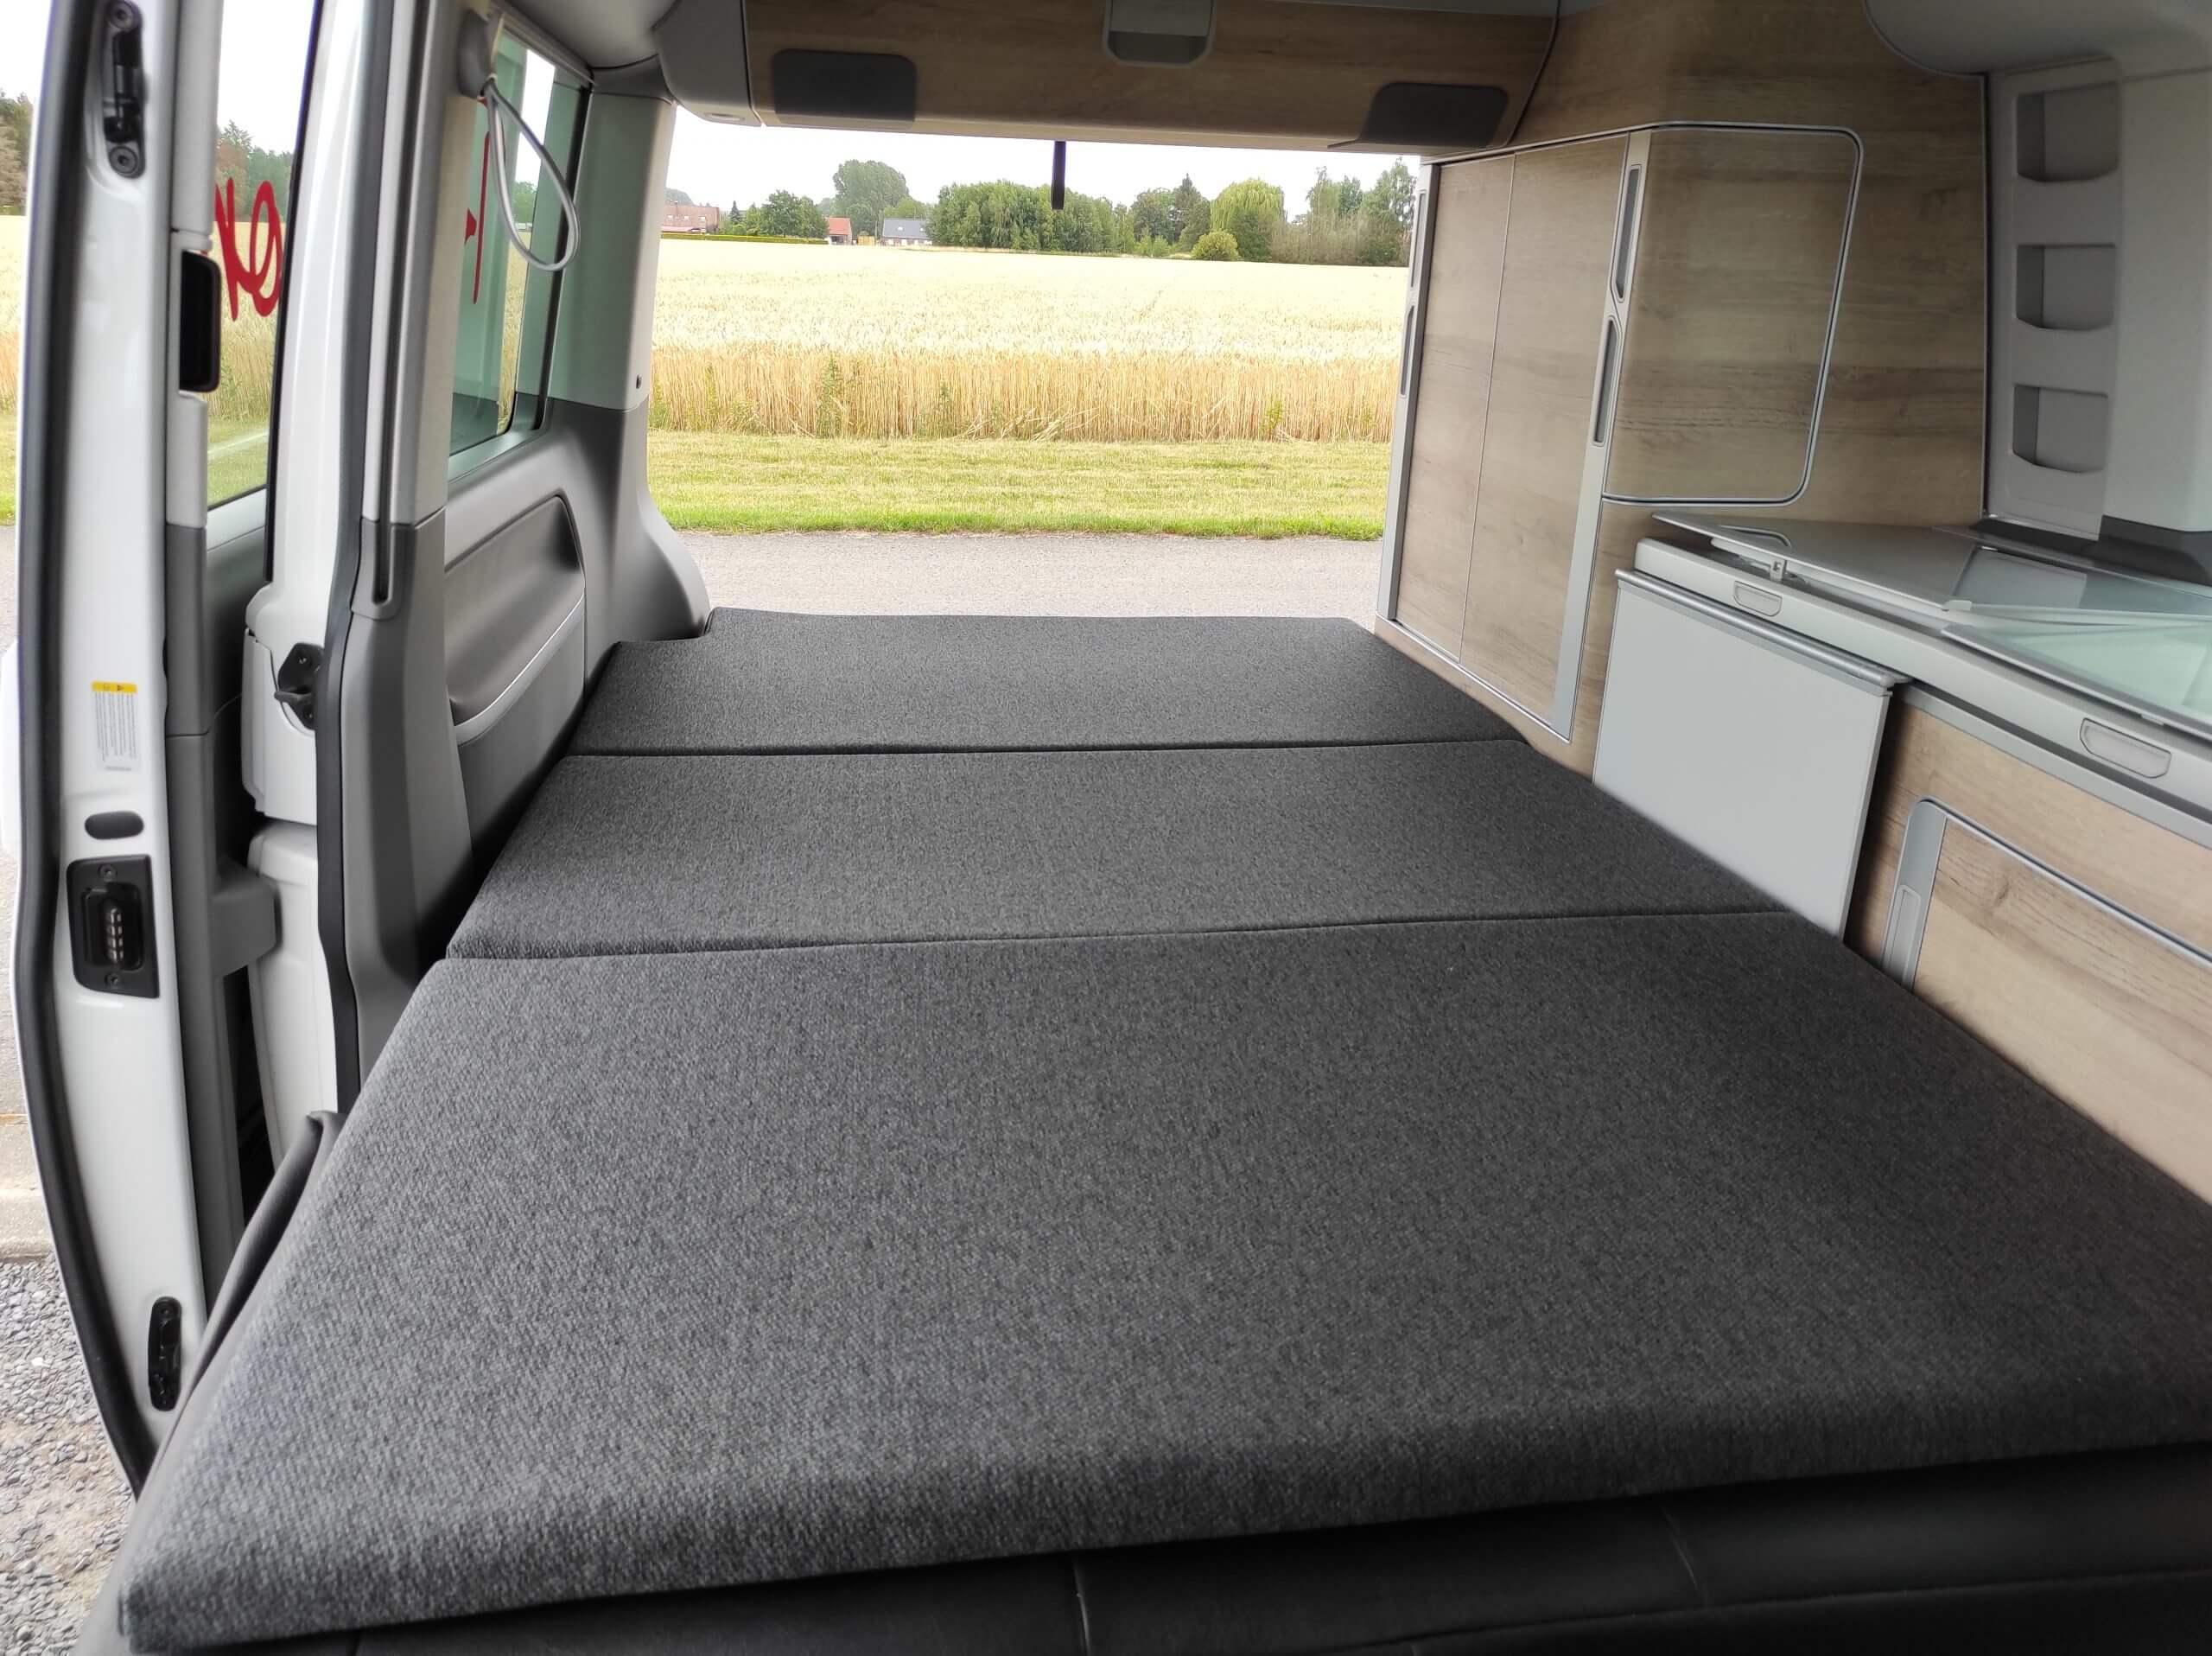 Lit déplié en bas dans un van Volkswagen California 6.1